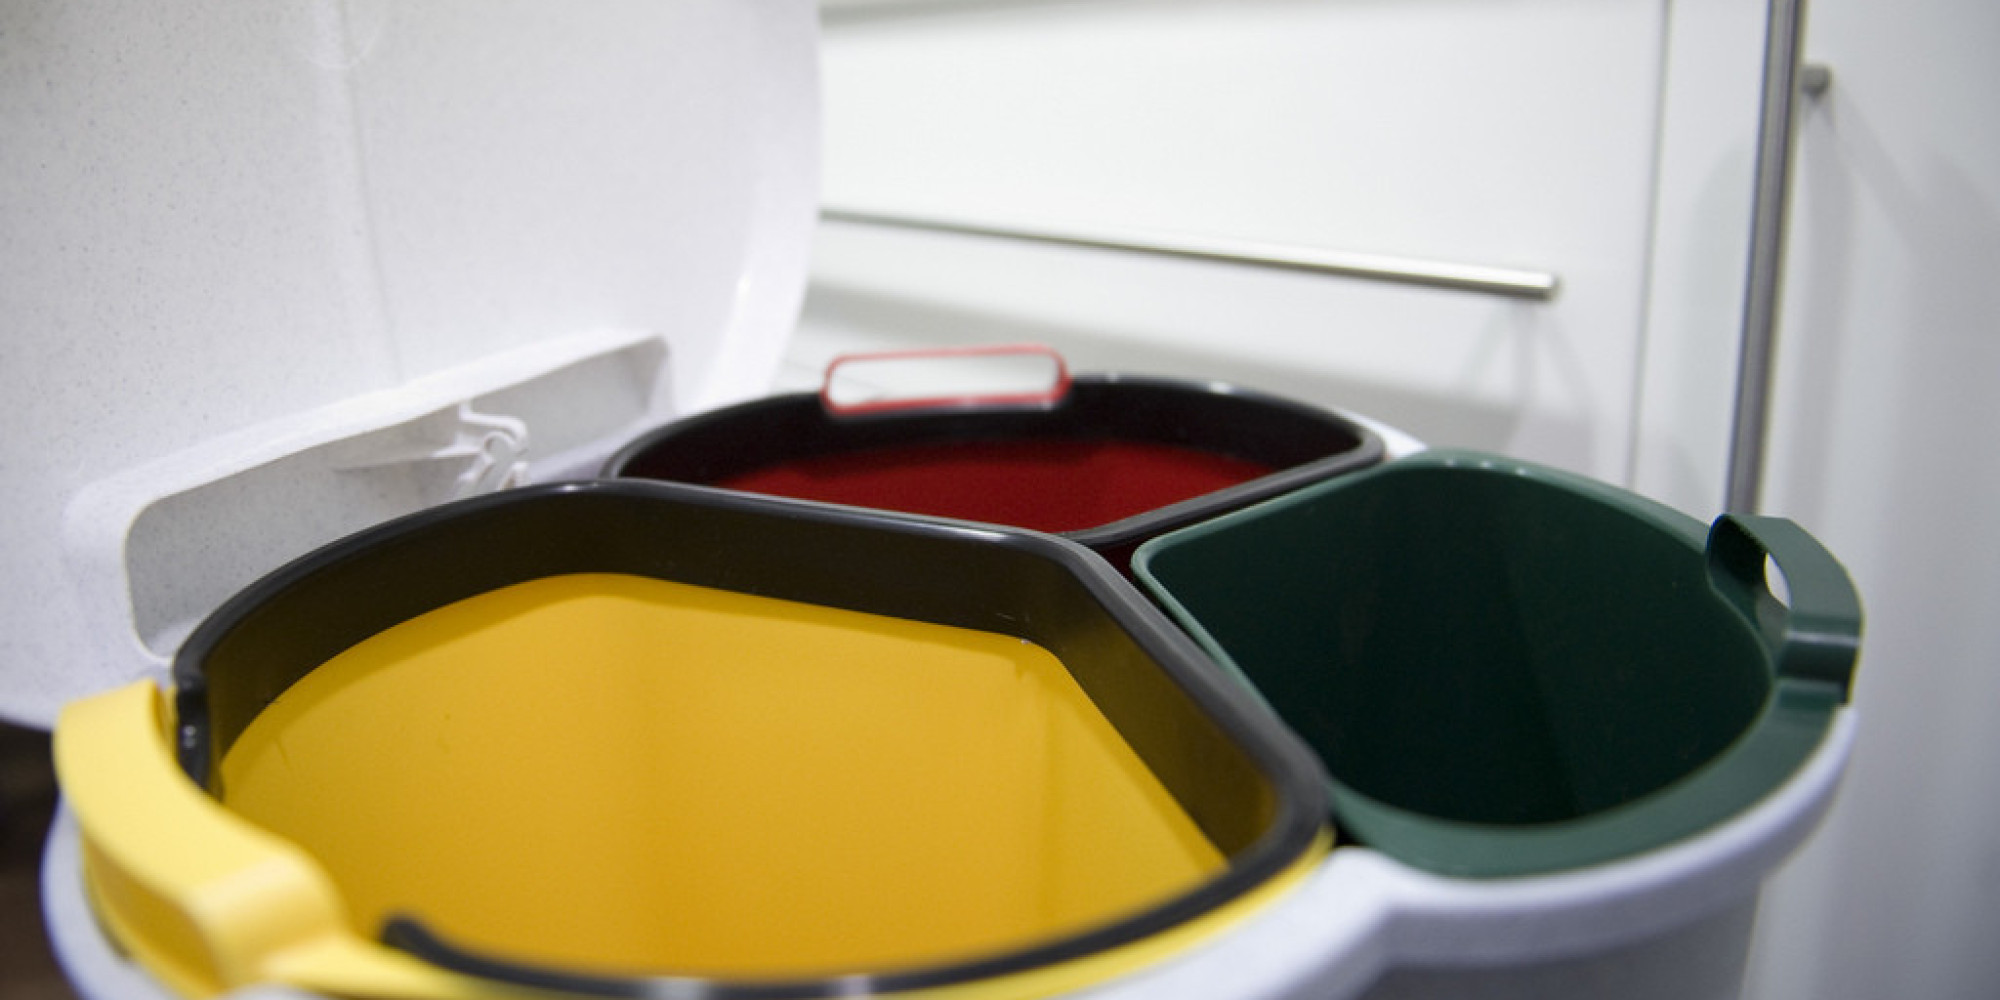 reciclar sin errores 19 productos que nunca sabemos en qu cubo tirar. Black Bedroom Furniture Sets. Home Design Ideas